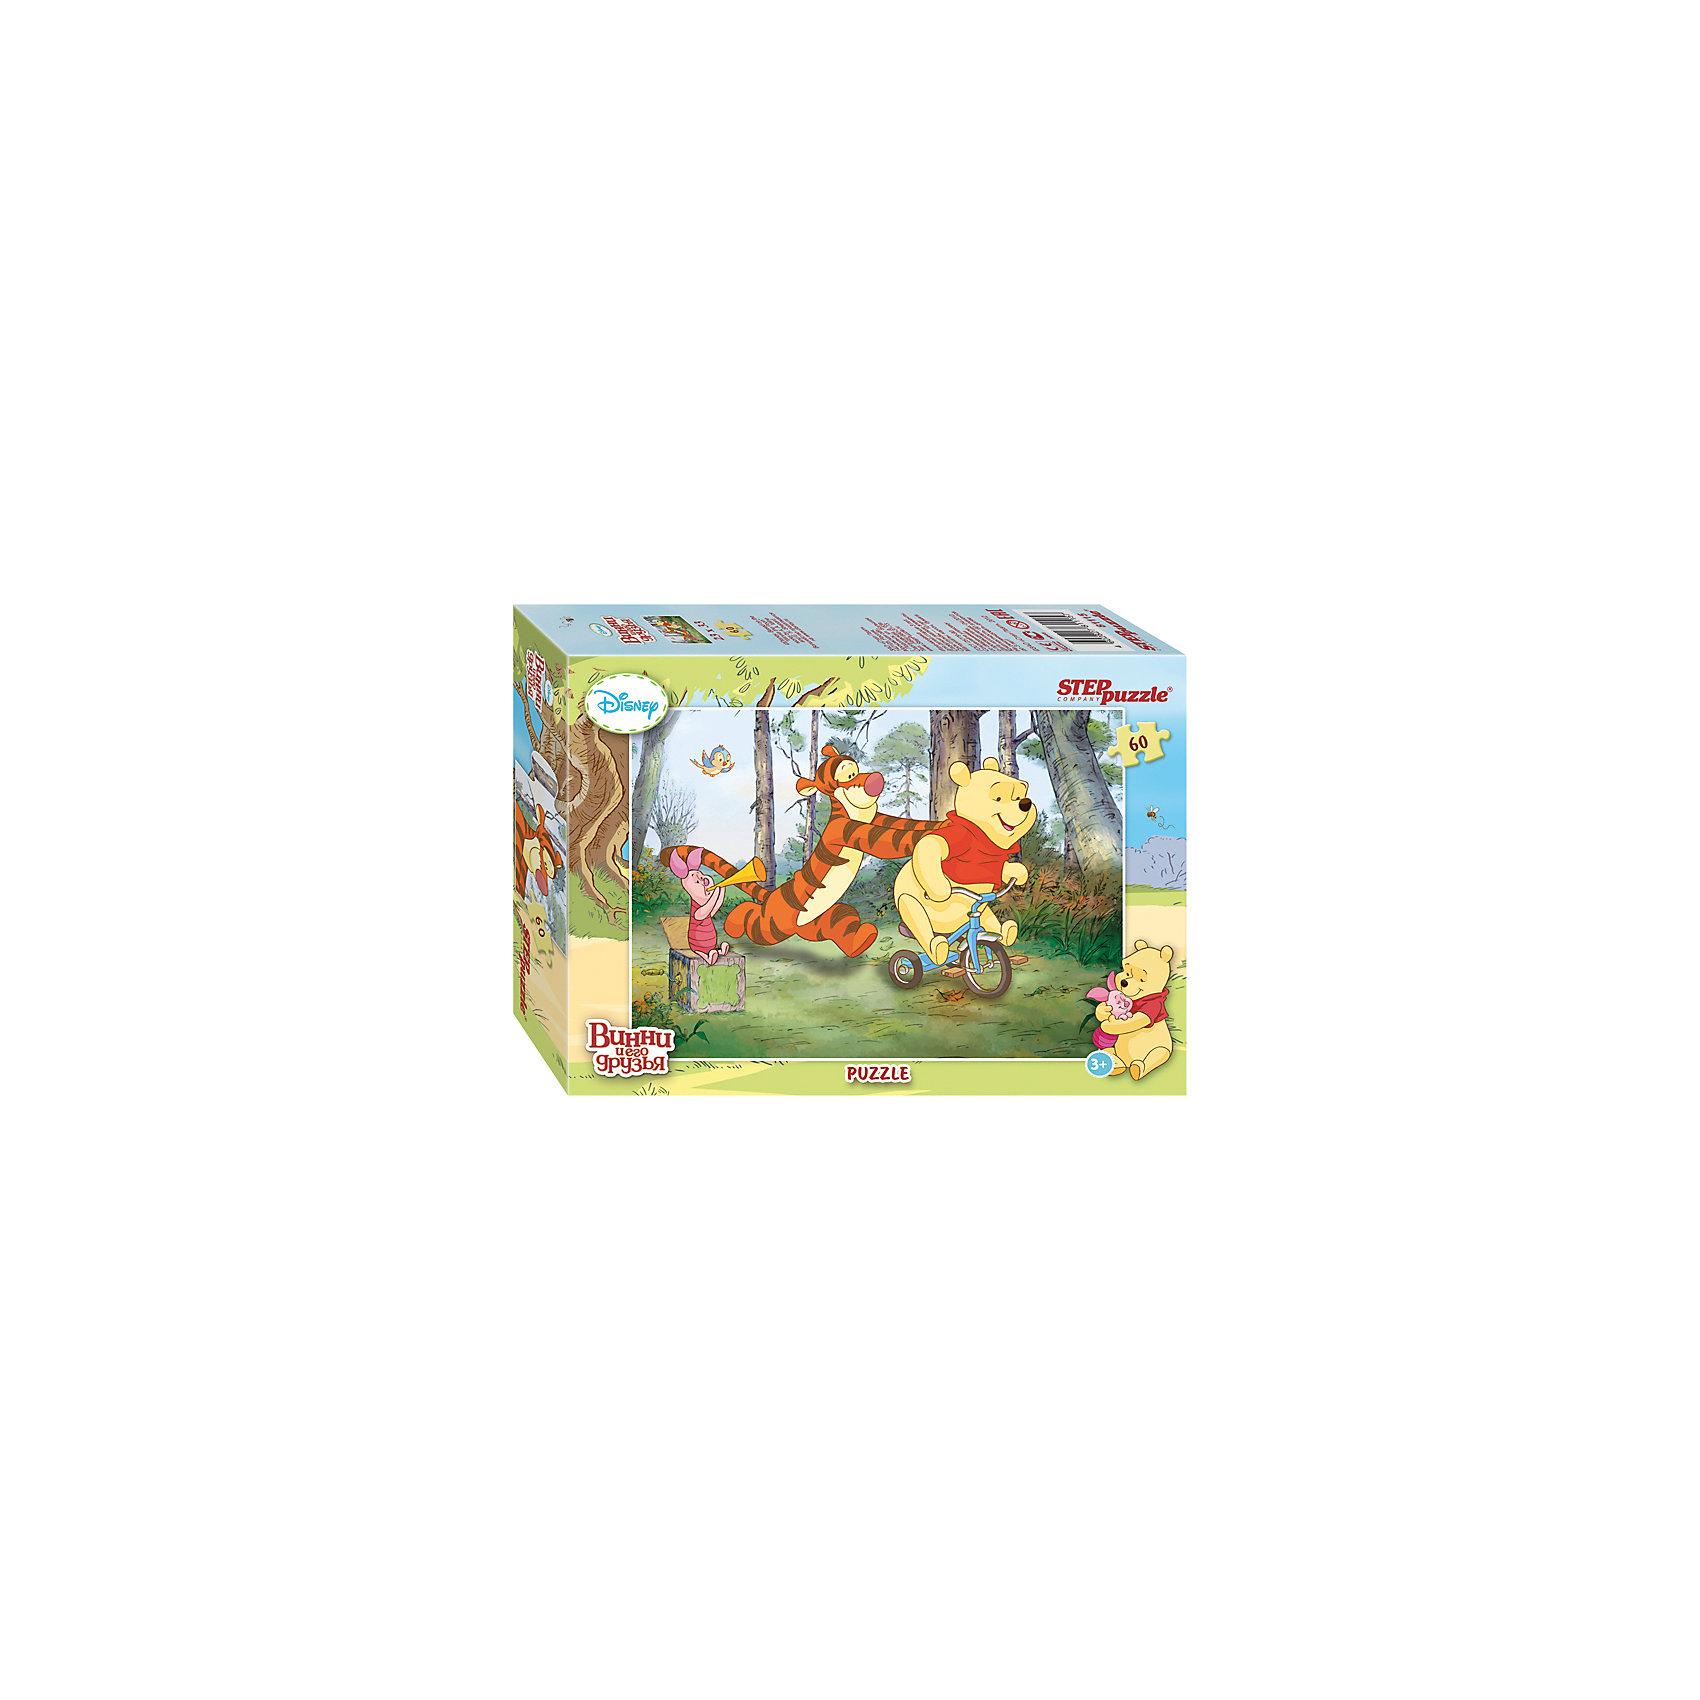 Степ Пазл Пазл Винни и его друзья, 60 деталей, Step puzzle пазл 3d 60 элементов step puzzle disney винни пух 98108